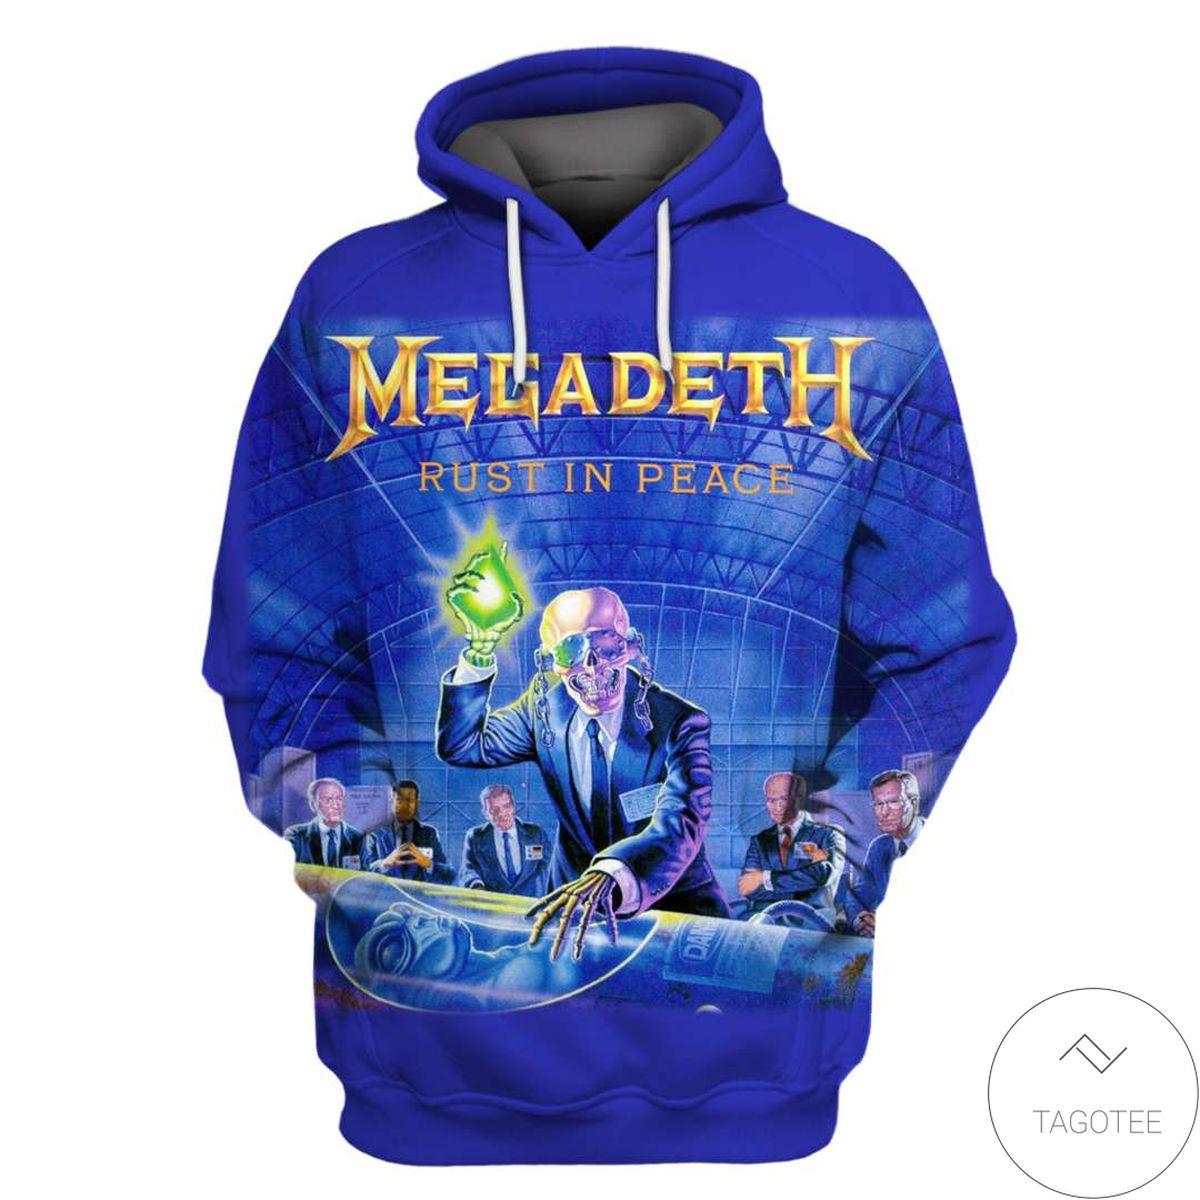 Megadeth Branded Unisex 3d Hoodie